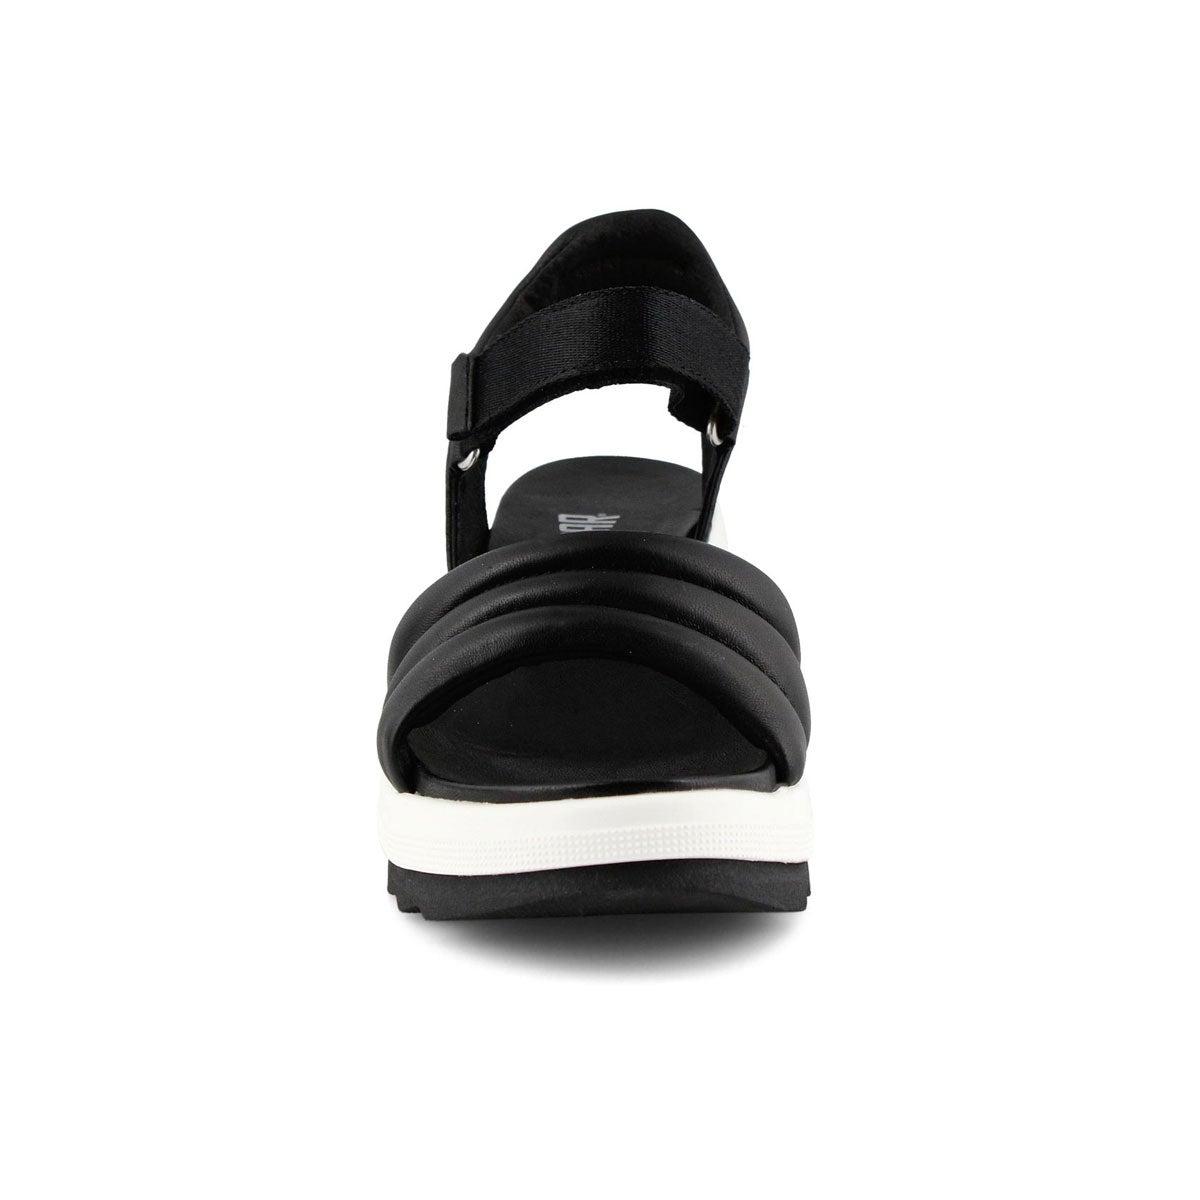 Lds Honey black wedge sandal